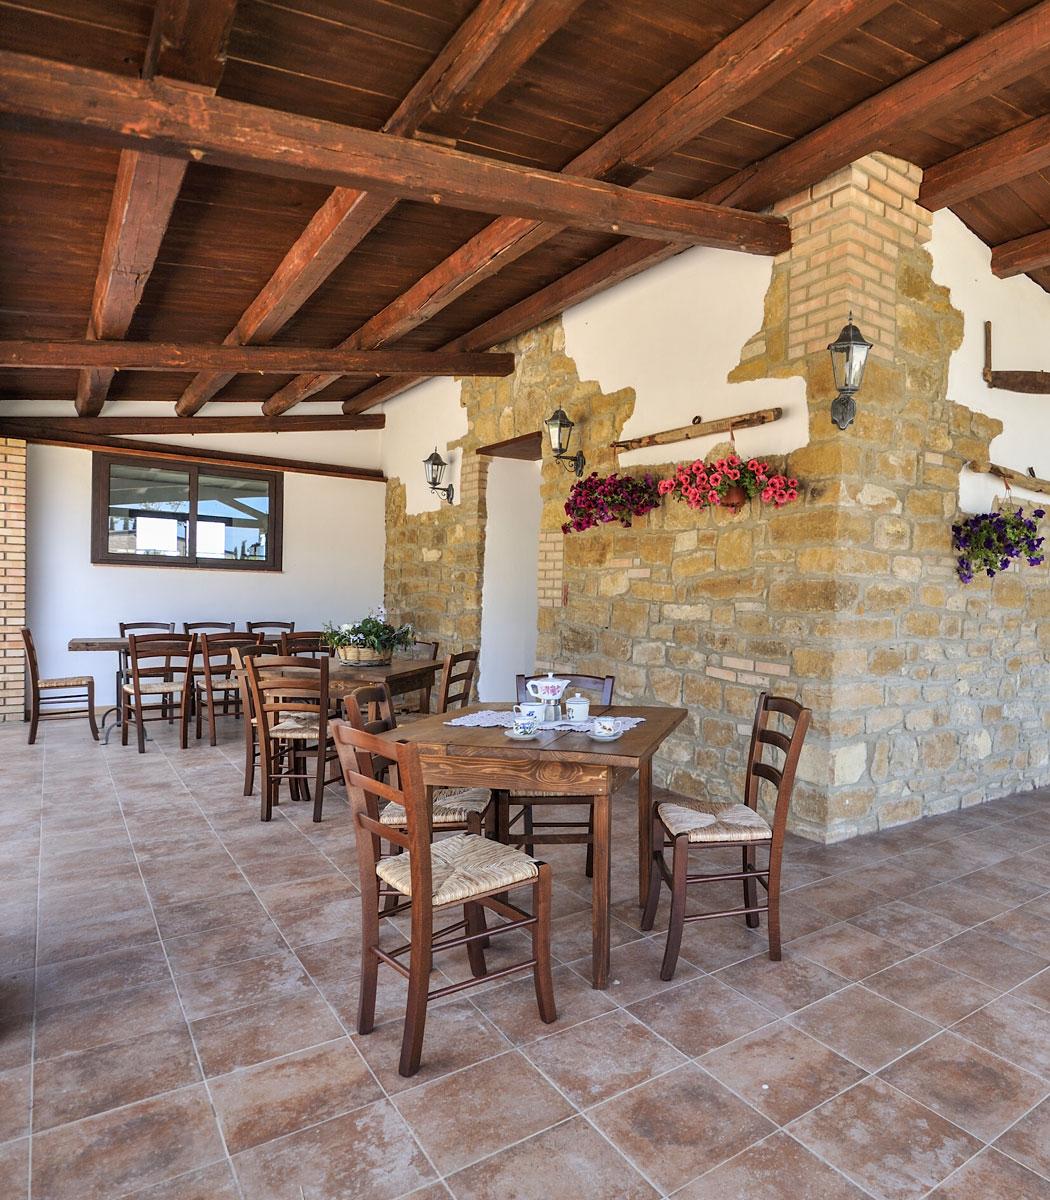 foto della parte esterna del ristorante